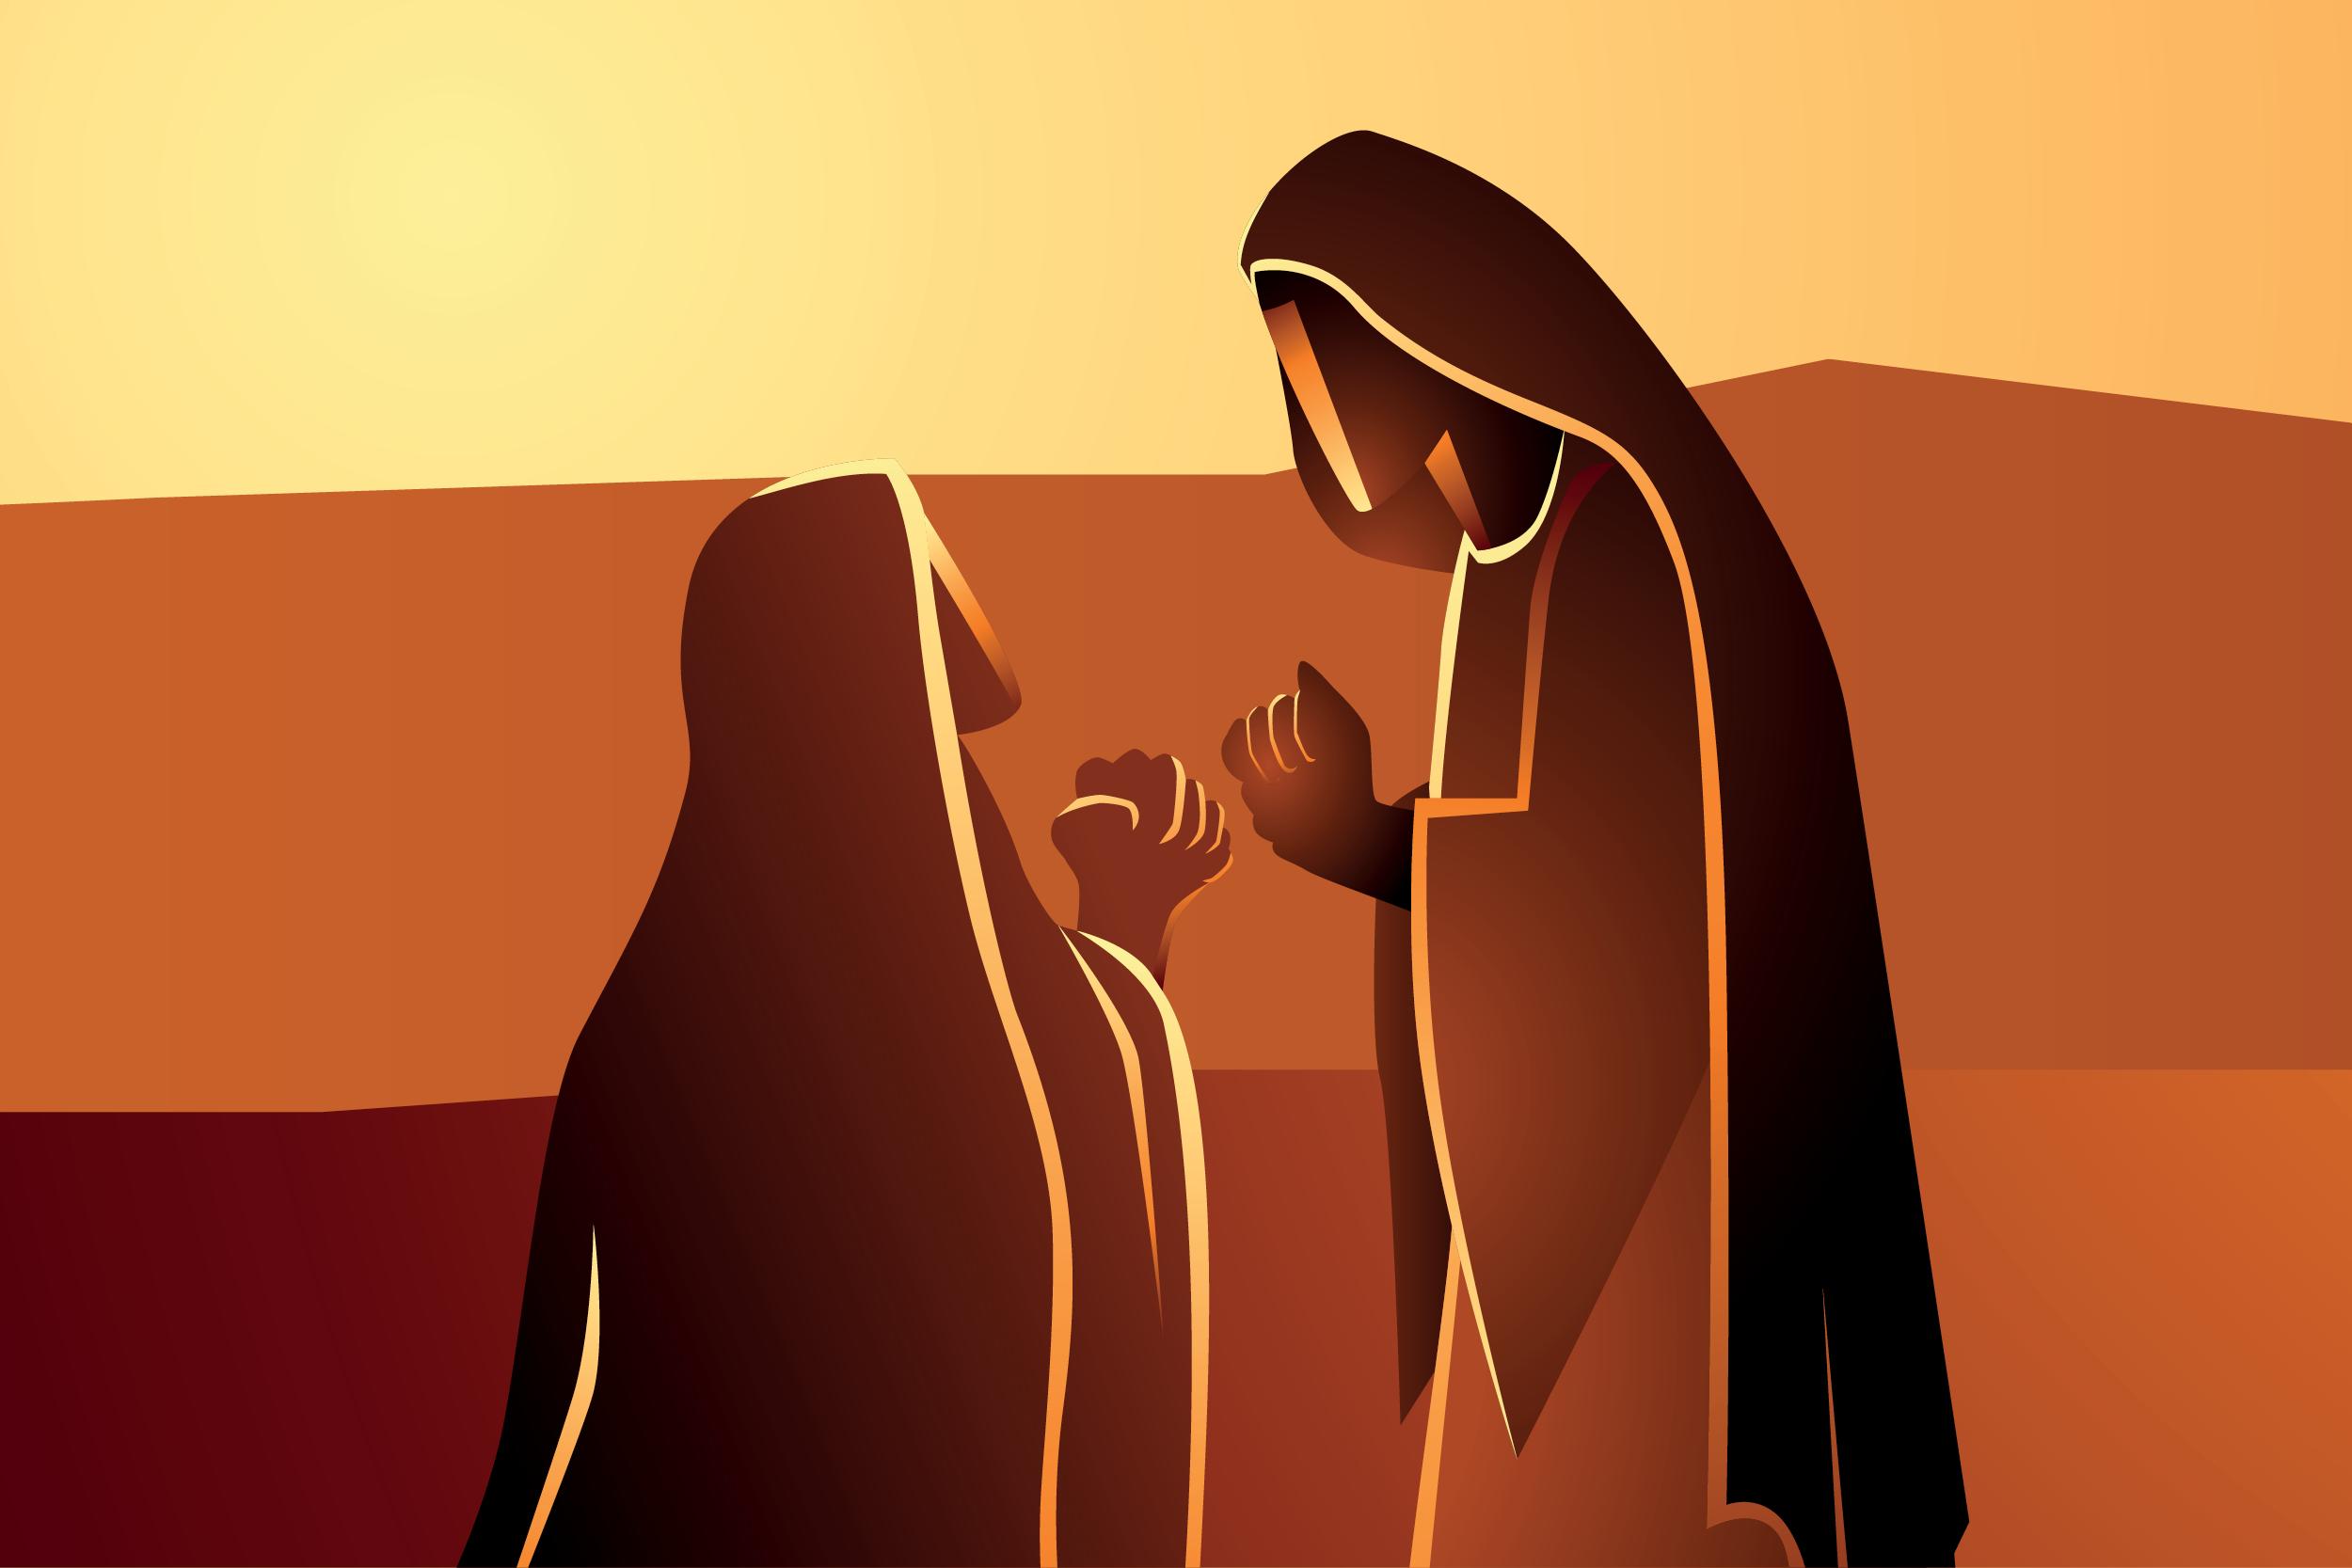 La visitación de la Virgen María a su prima Isabel. Ilustración: Martín Cuéllar.